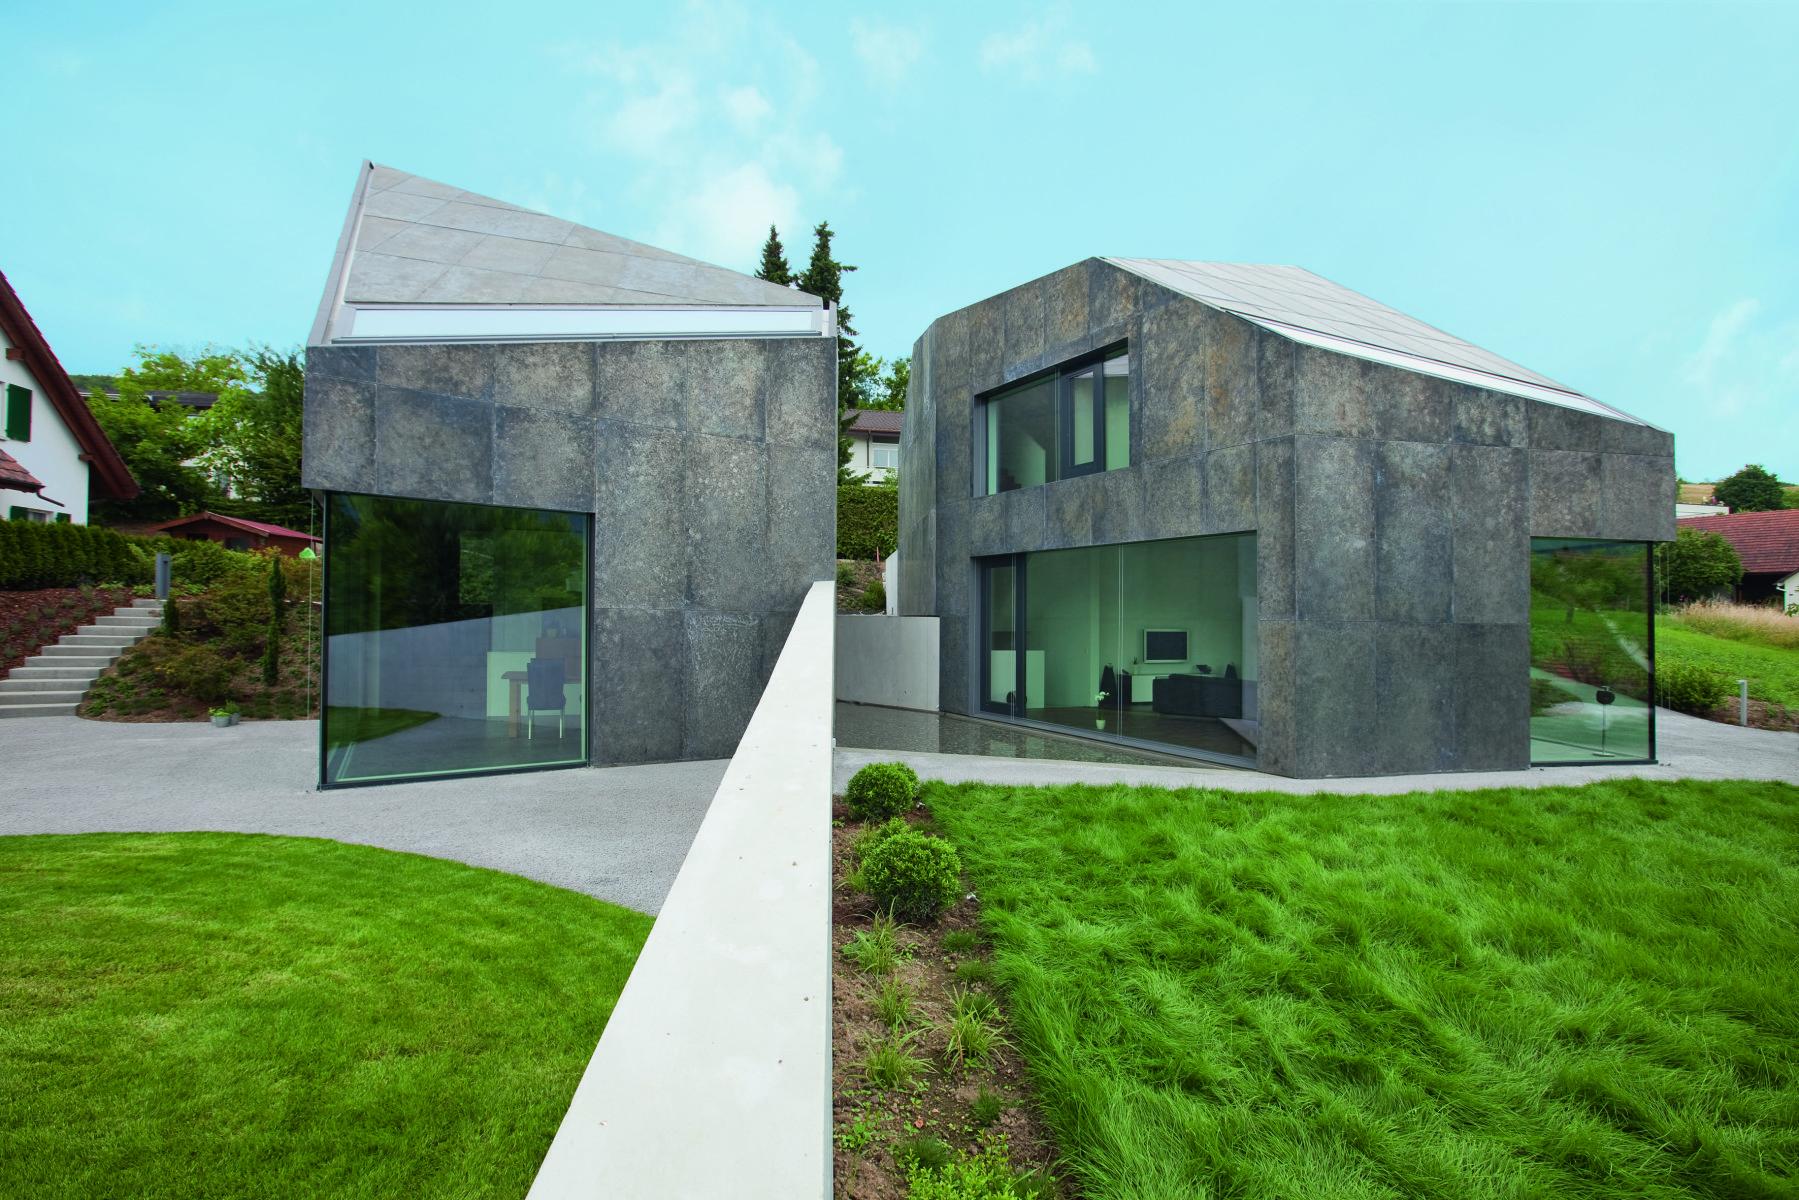 Häuser des Jahres 2012 | Preisträger | Architekturpreis | Callwey